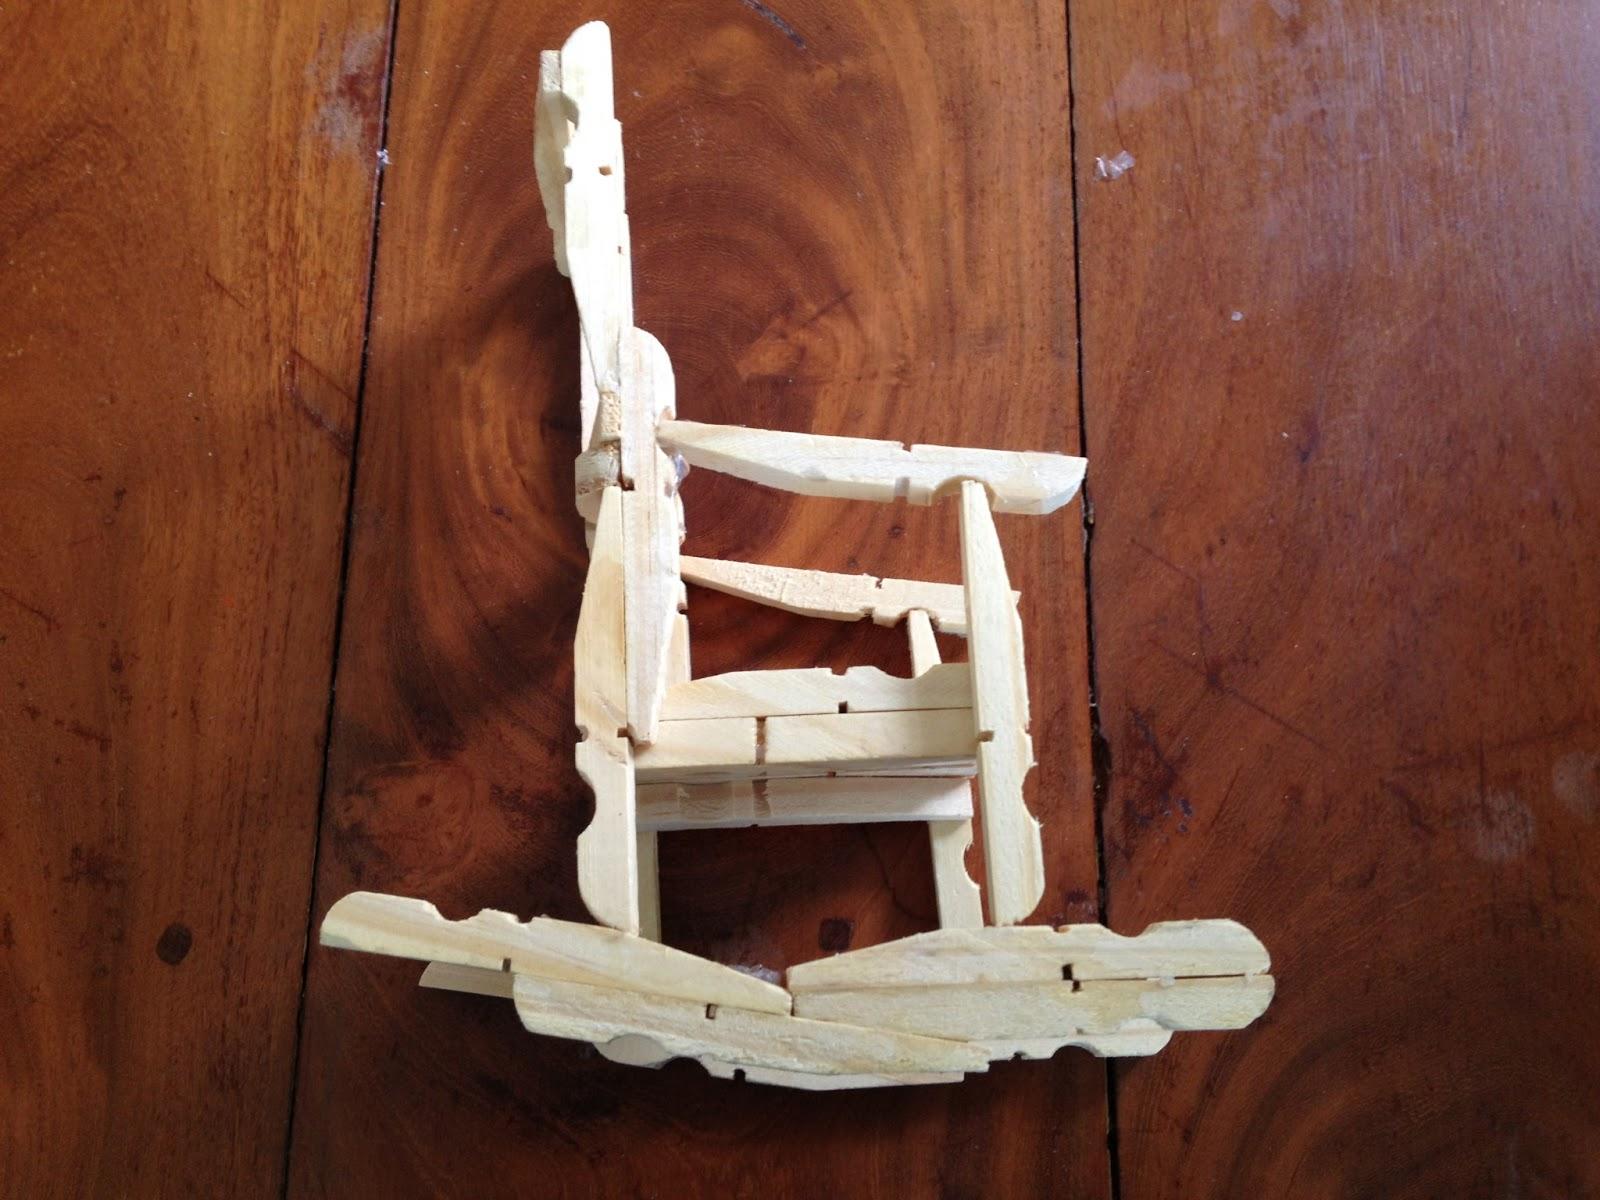 #3D1A12 Artesanato do Amigão: Cadeira de balanço pregador 1600x1200 px cadeira de balanço com pregador @ bernauer.info Móveis Antigos Novos E Usados Online